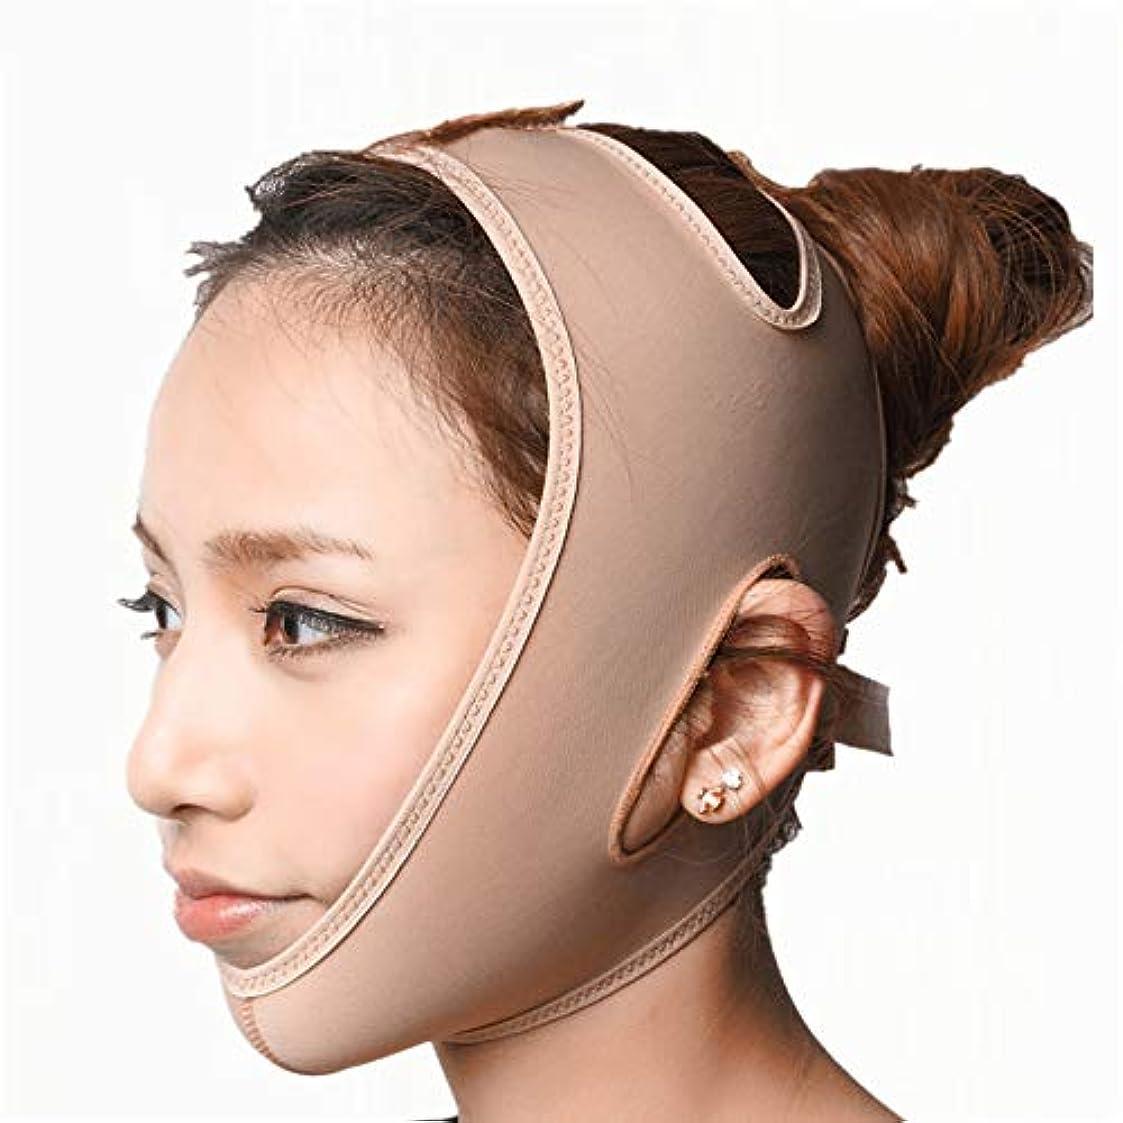 アスレチック硬いカニBS 顔の持ち上がる痩身ベルト - アンチエイジングリンクルフェイスマスクベルトシンフェイス包帯整形マスクは顔と首を締めますフェイススリム フェイスリフティングアーティファクト (Size : L)